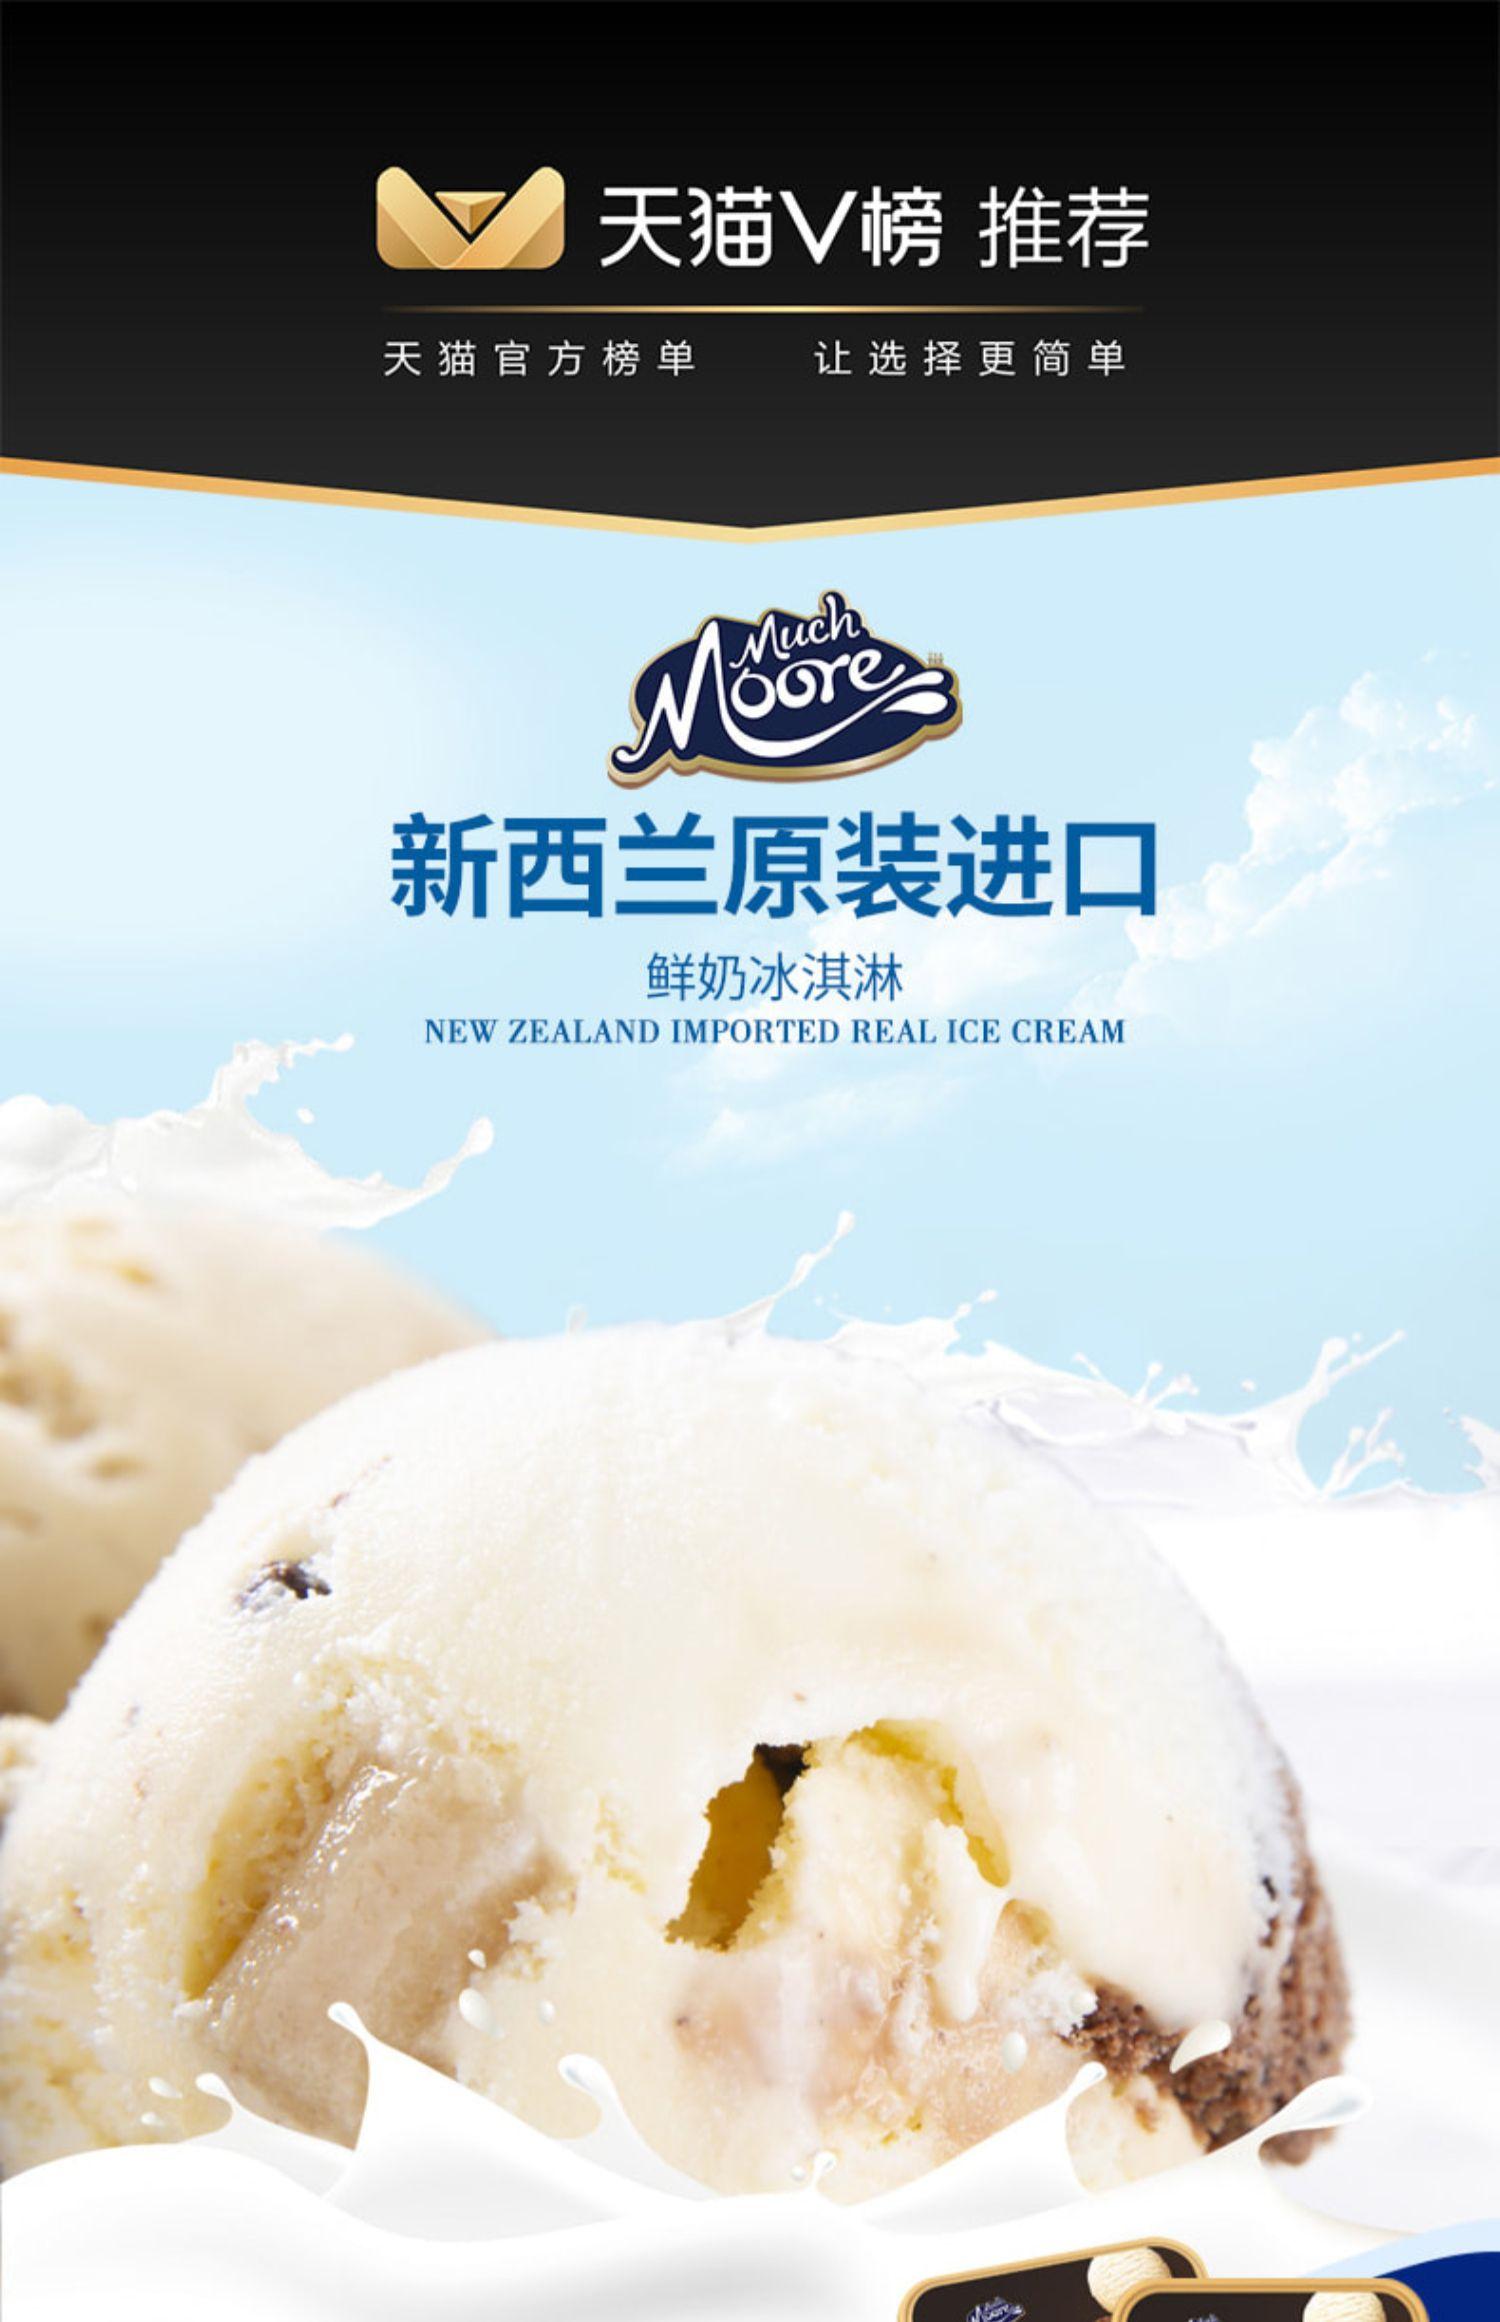 网红进口冰淇淋大桶装牛奶奥利奥